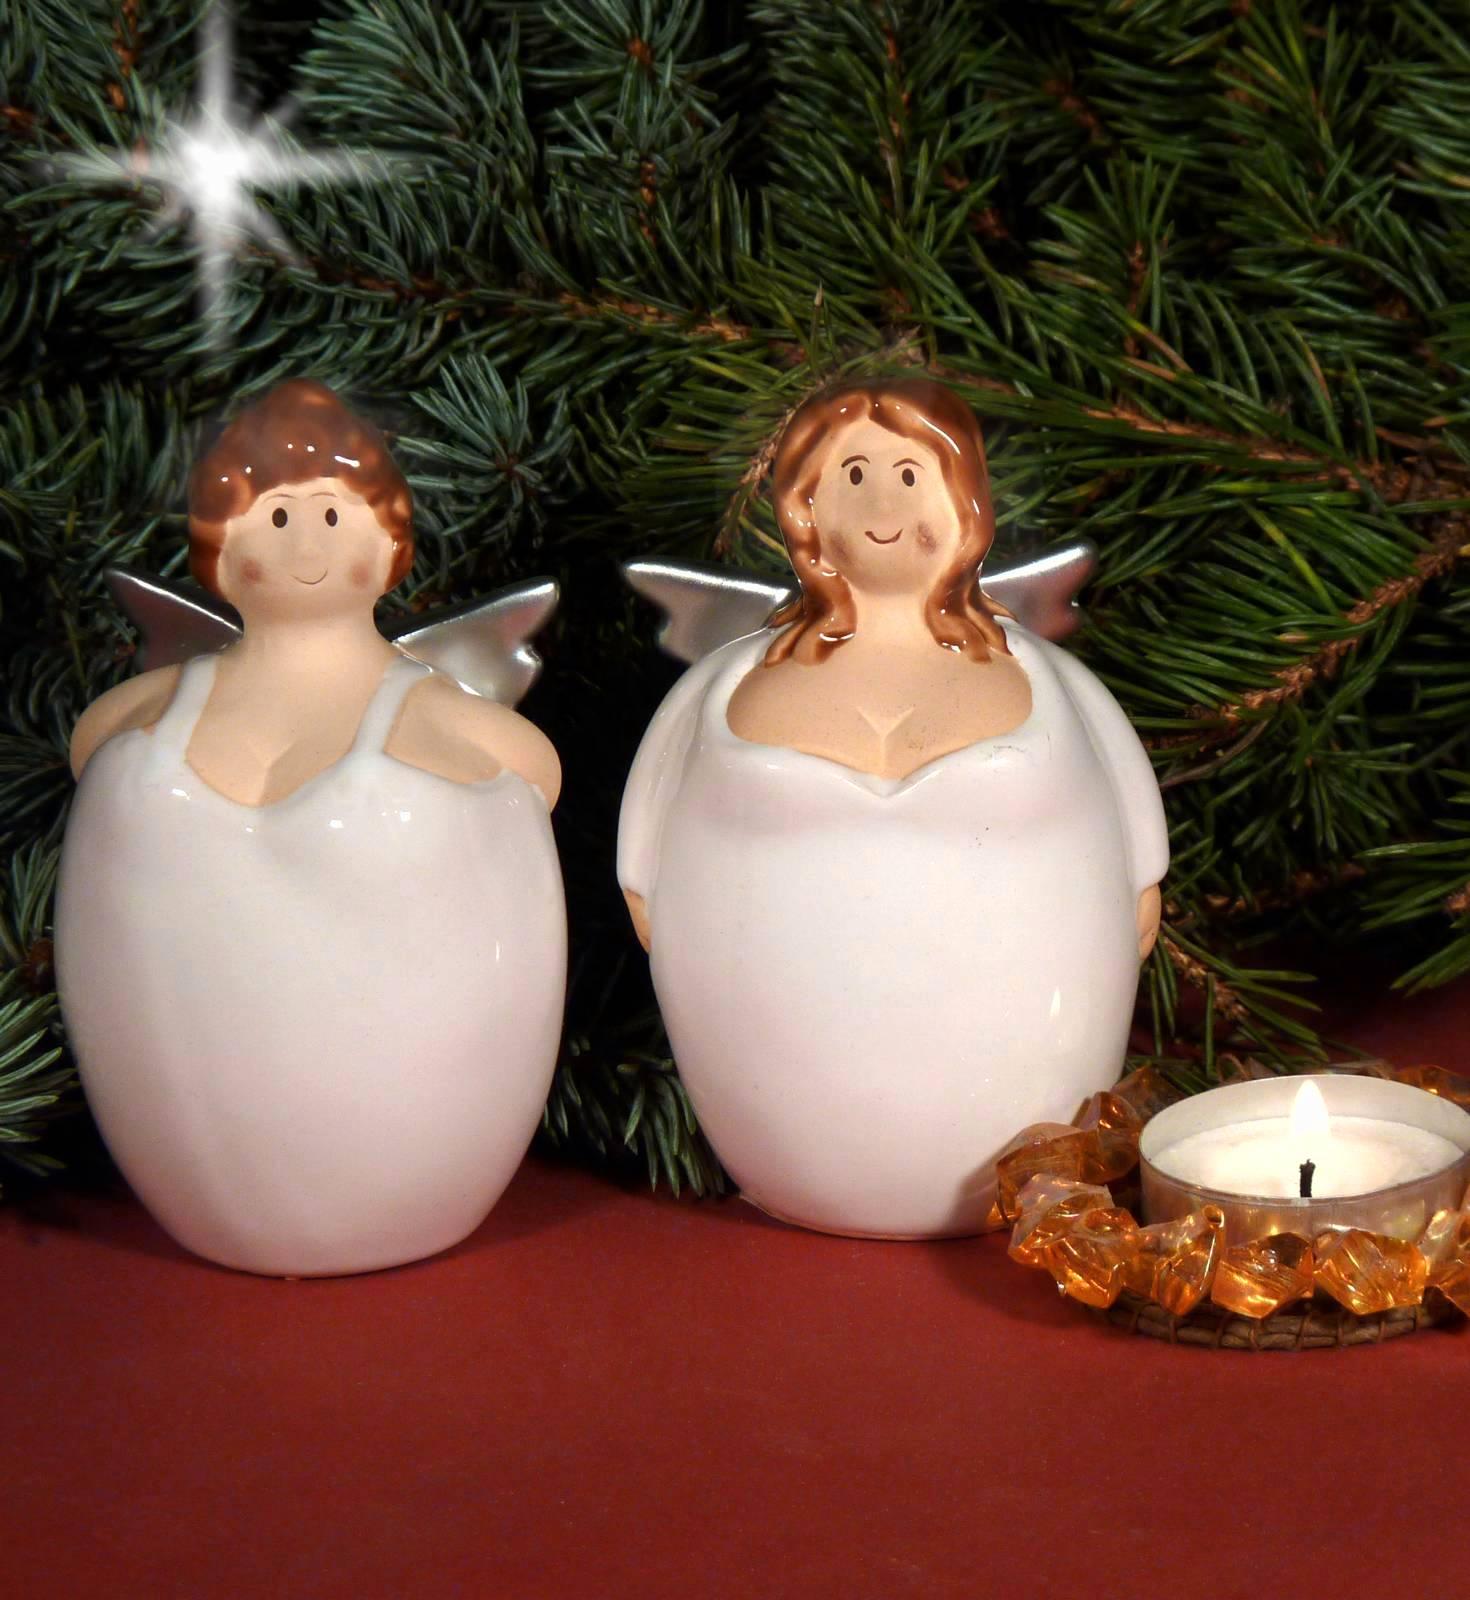 engel dicke frau keramik wei silber tischdeko weihnachtsdeko 10cm ebay. Black Bedroom Furniture Sets. Home Design Ideas